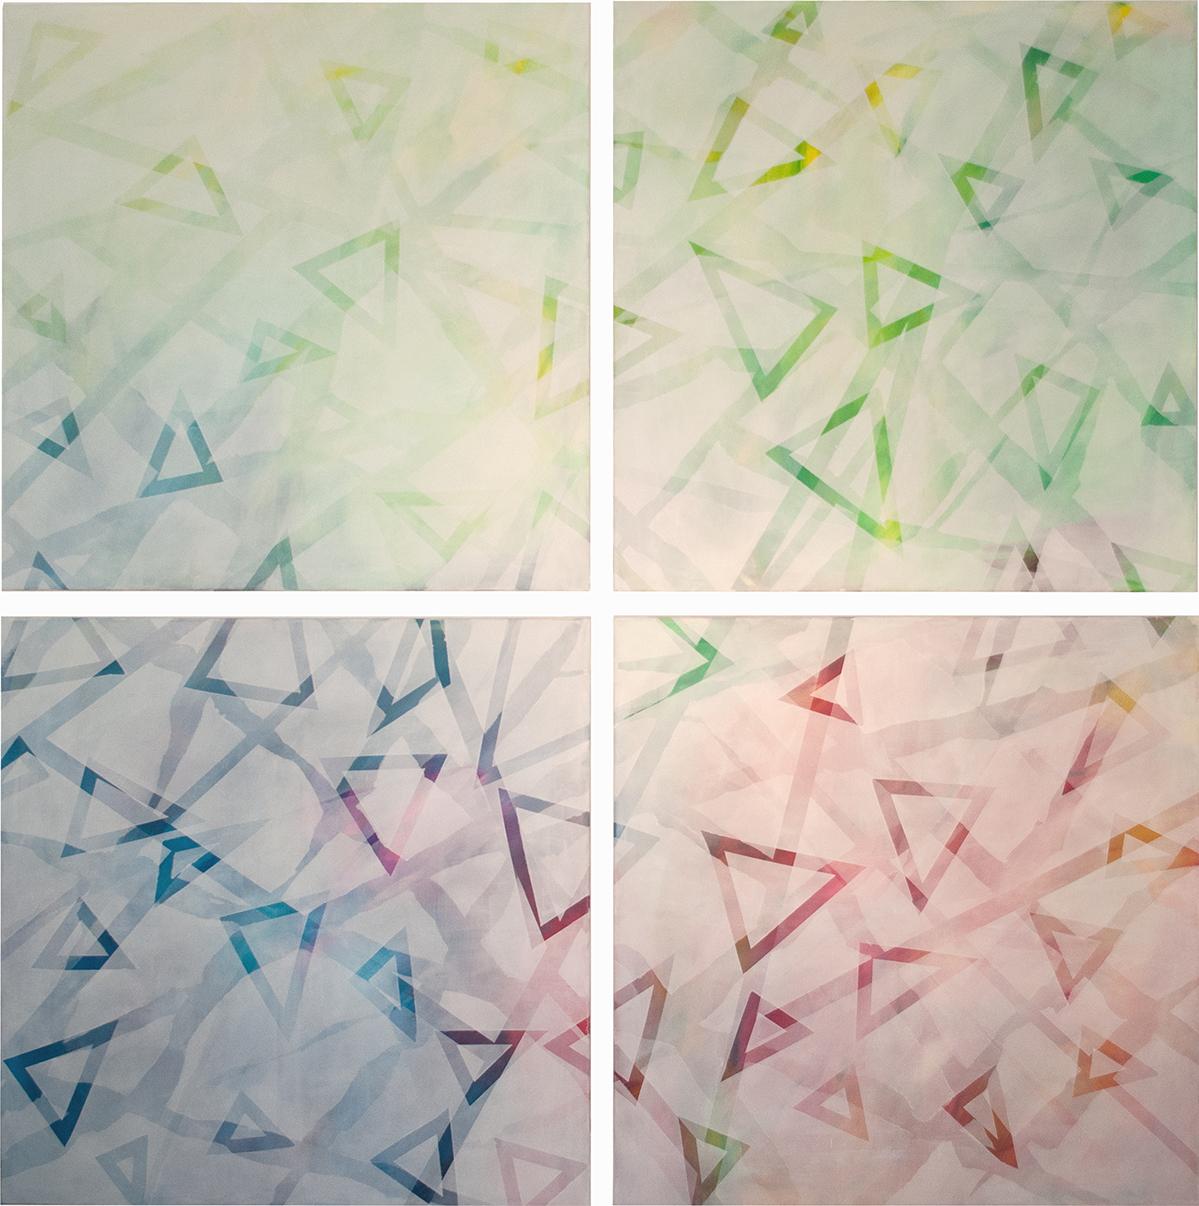 judithvaleria-geometrische Abstraktionen-Acryl auf Papier-je 100x100-eine art selbstportrait-Version 1